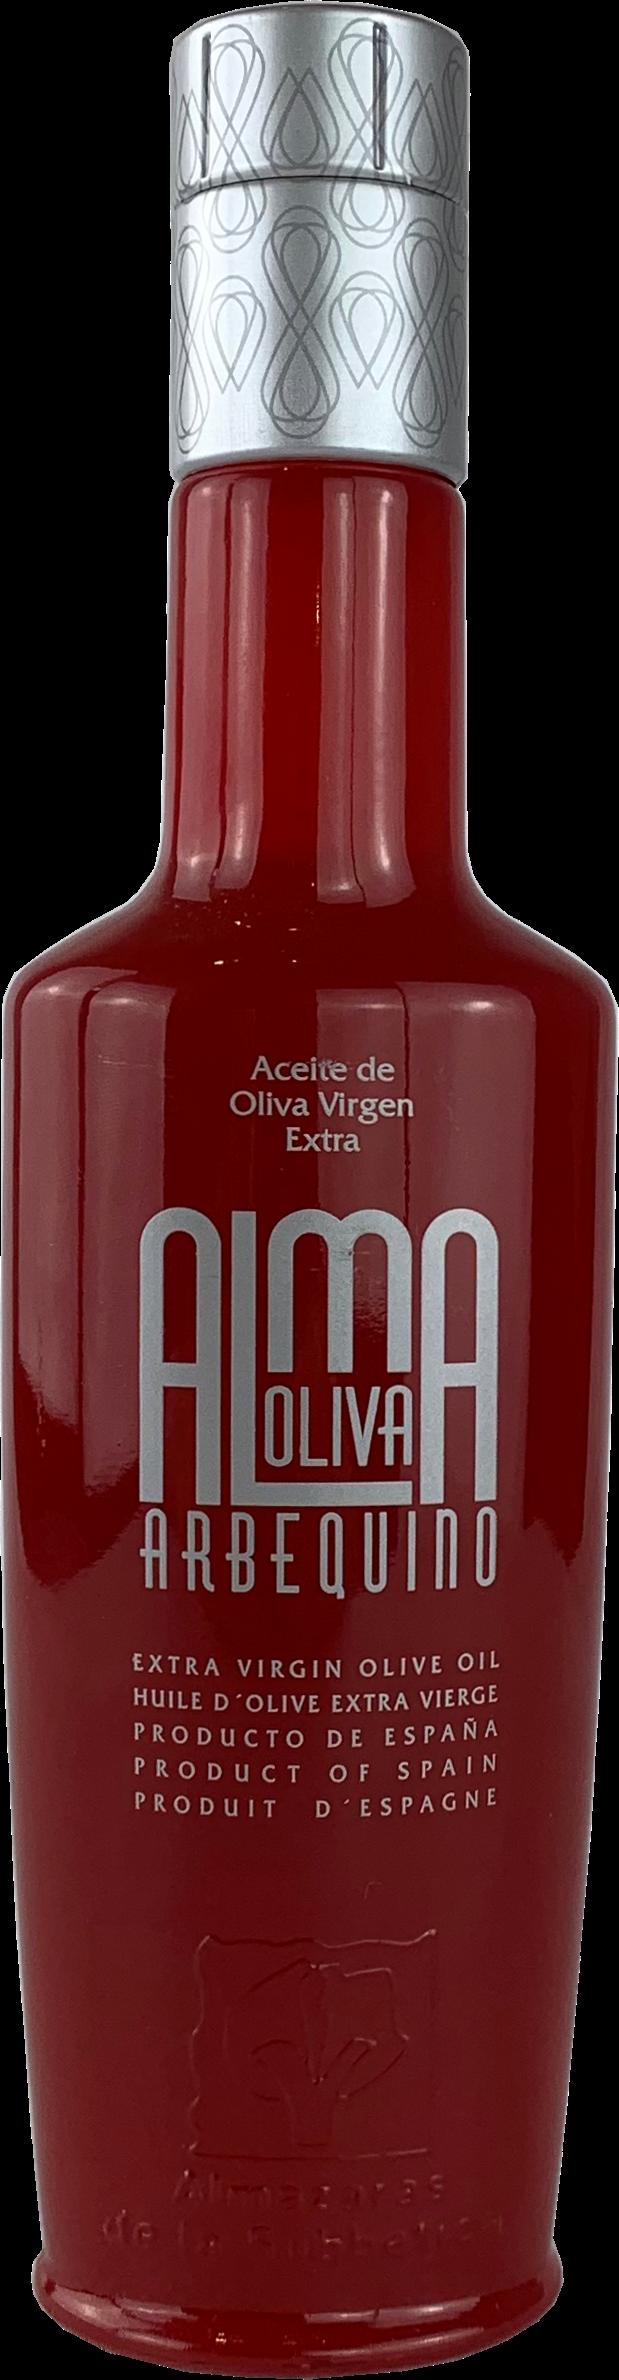 Alma de Oliva Arbequino Olivenöl Virgen Extra 0,25 L